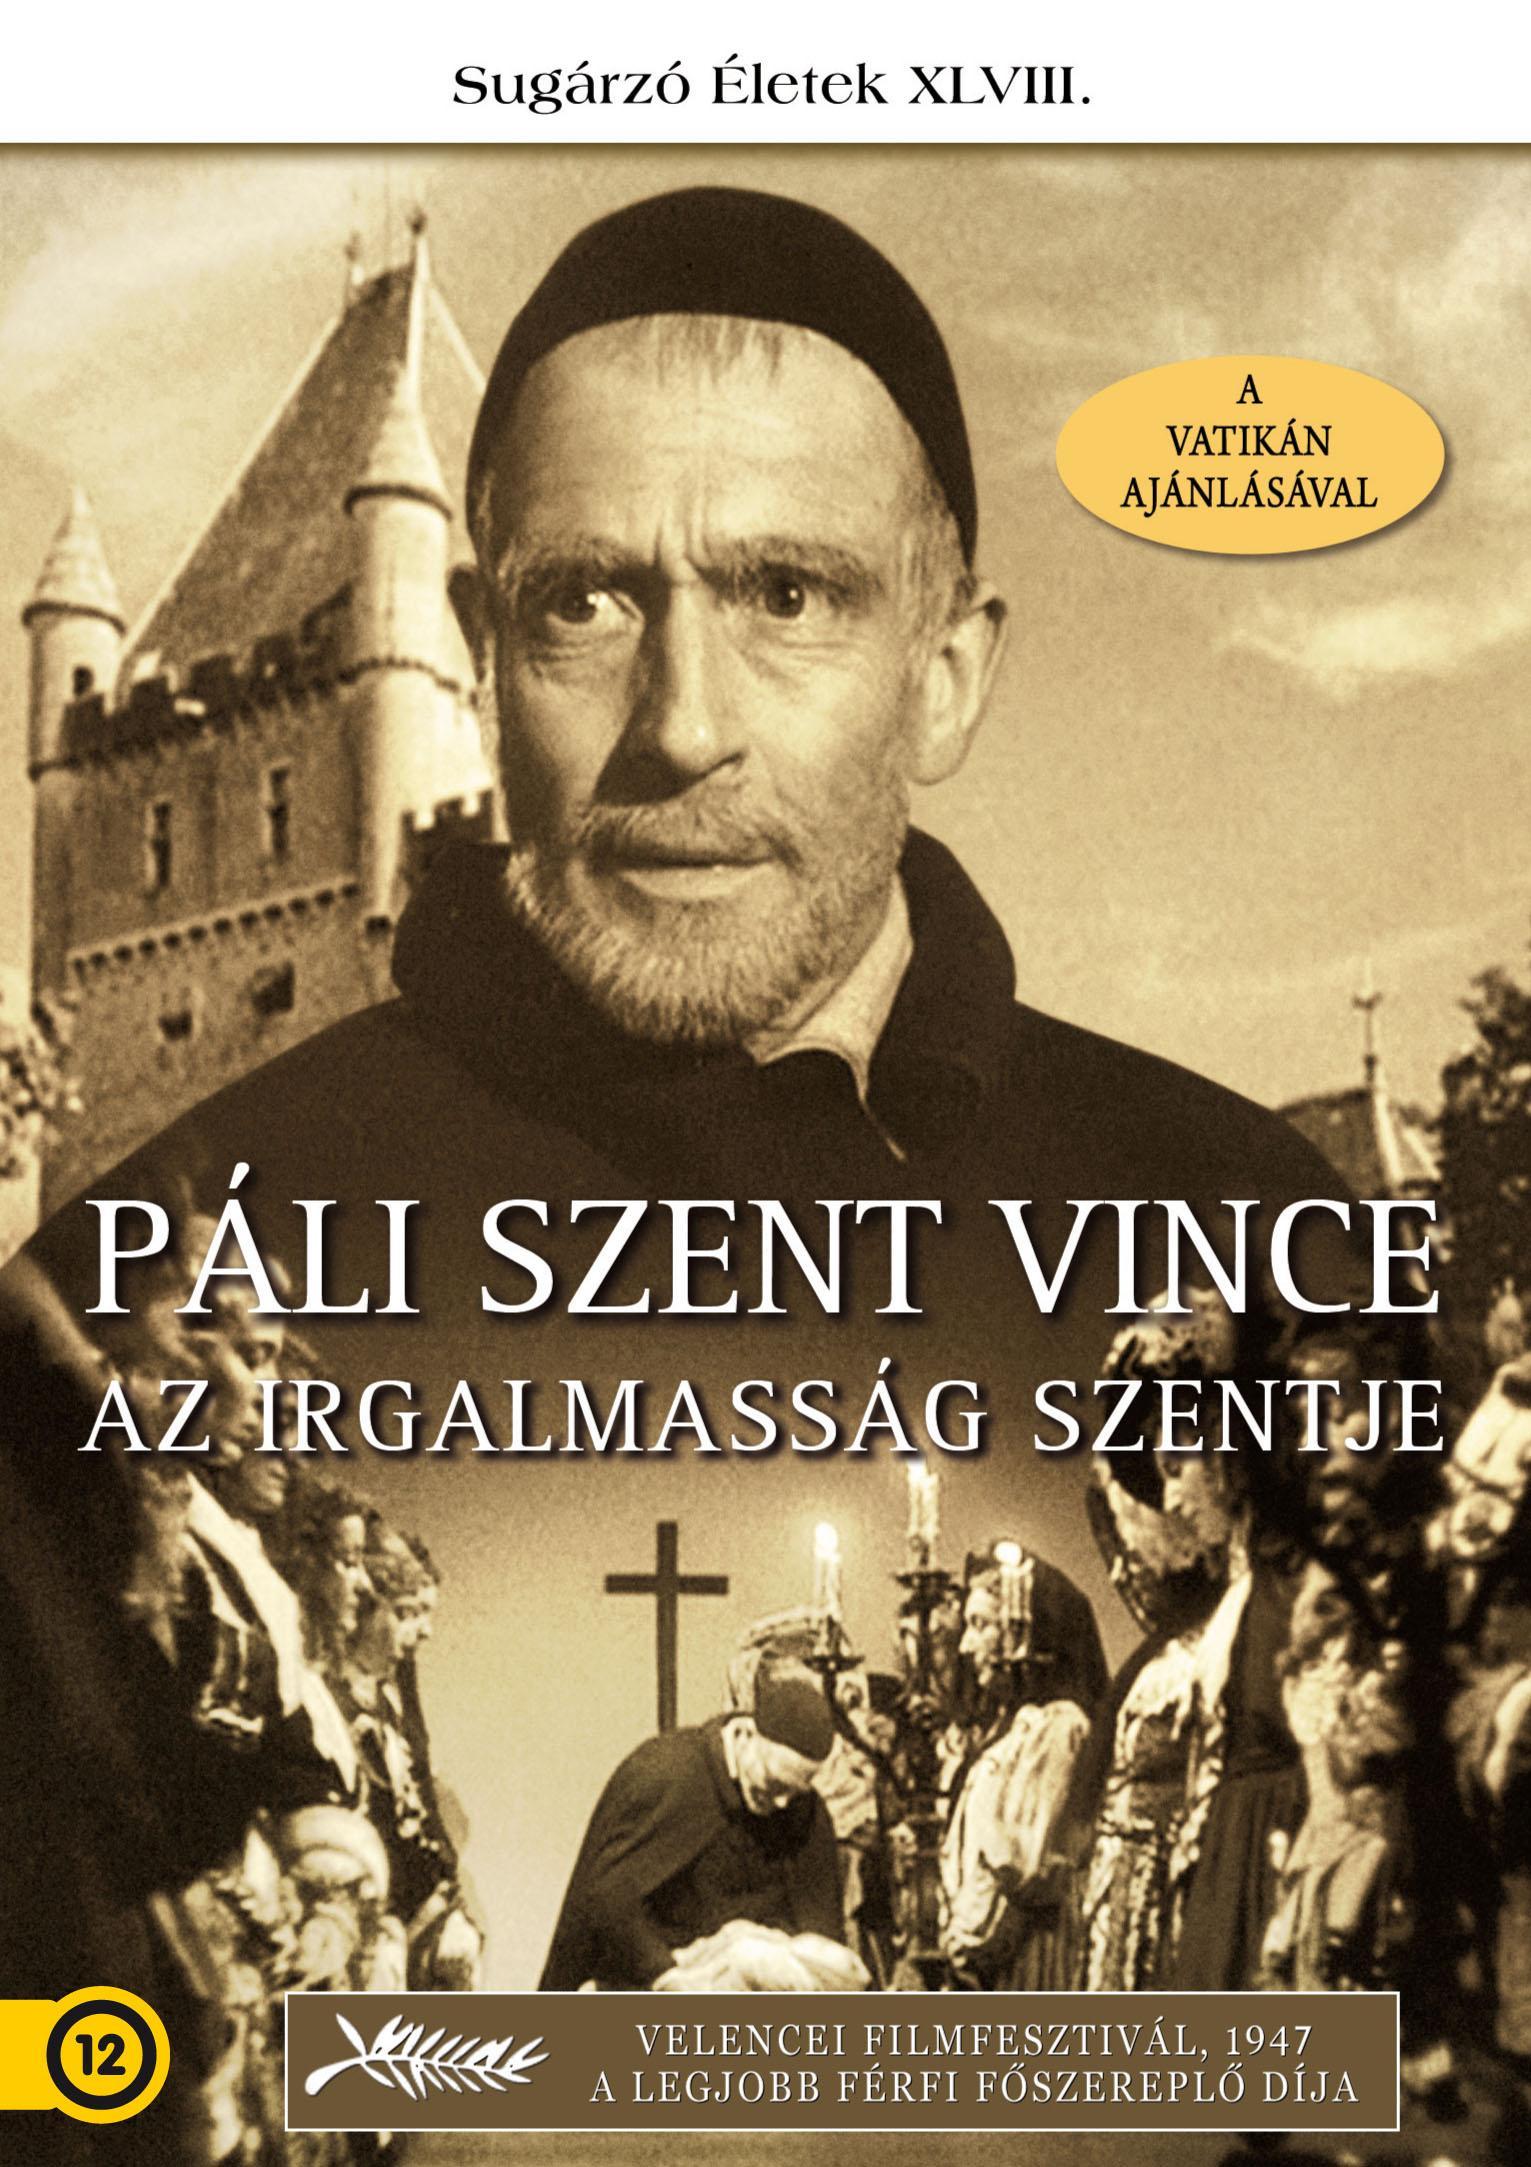 - PÁLI SZENT VINCE AZ IRGALMASSÁG SZENTJE - DVD -